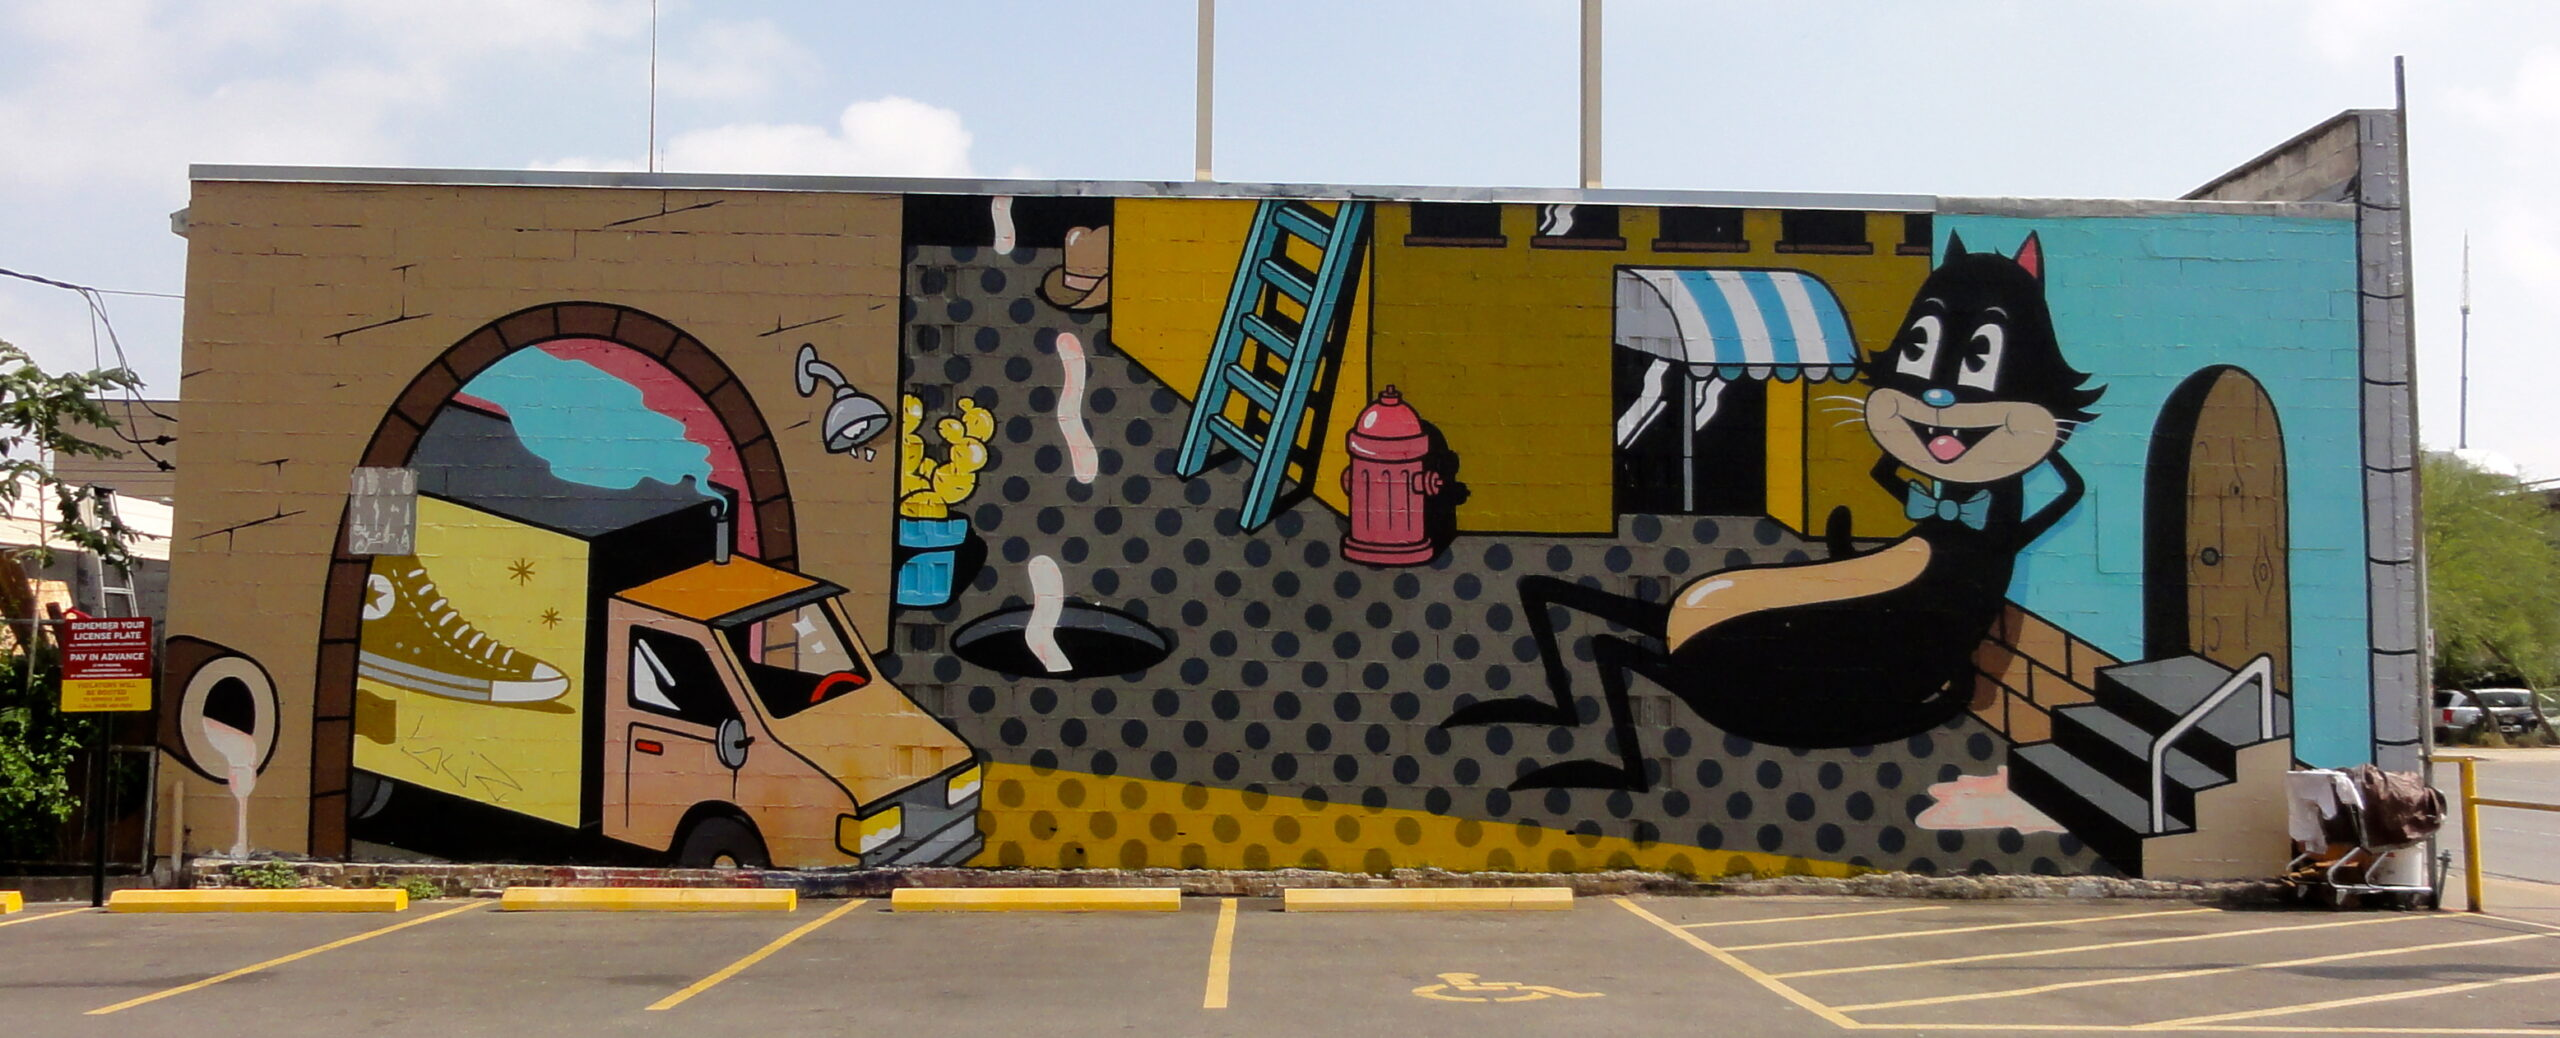 6th & 35 mural